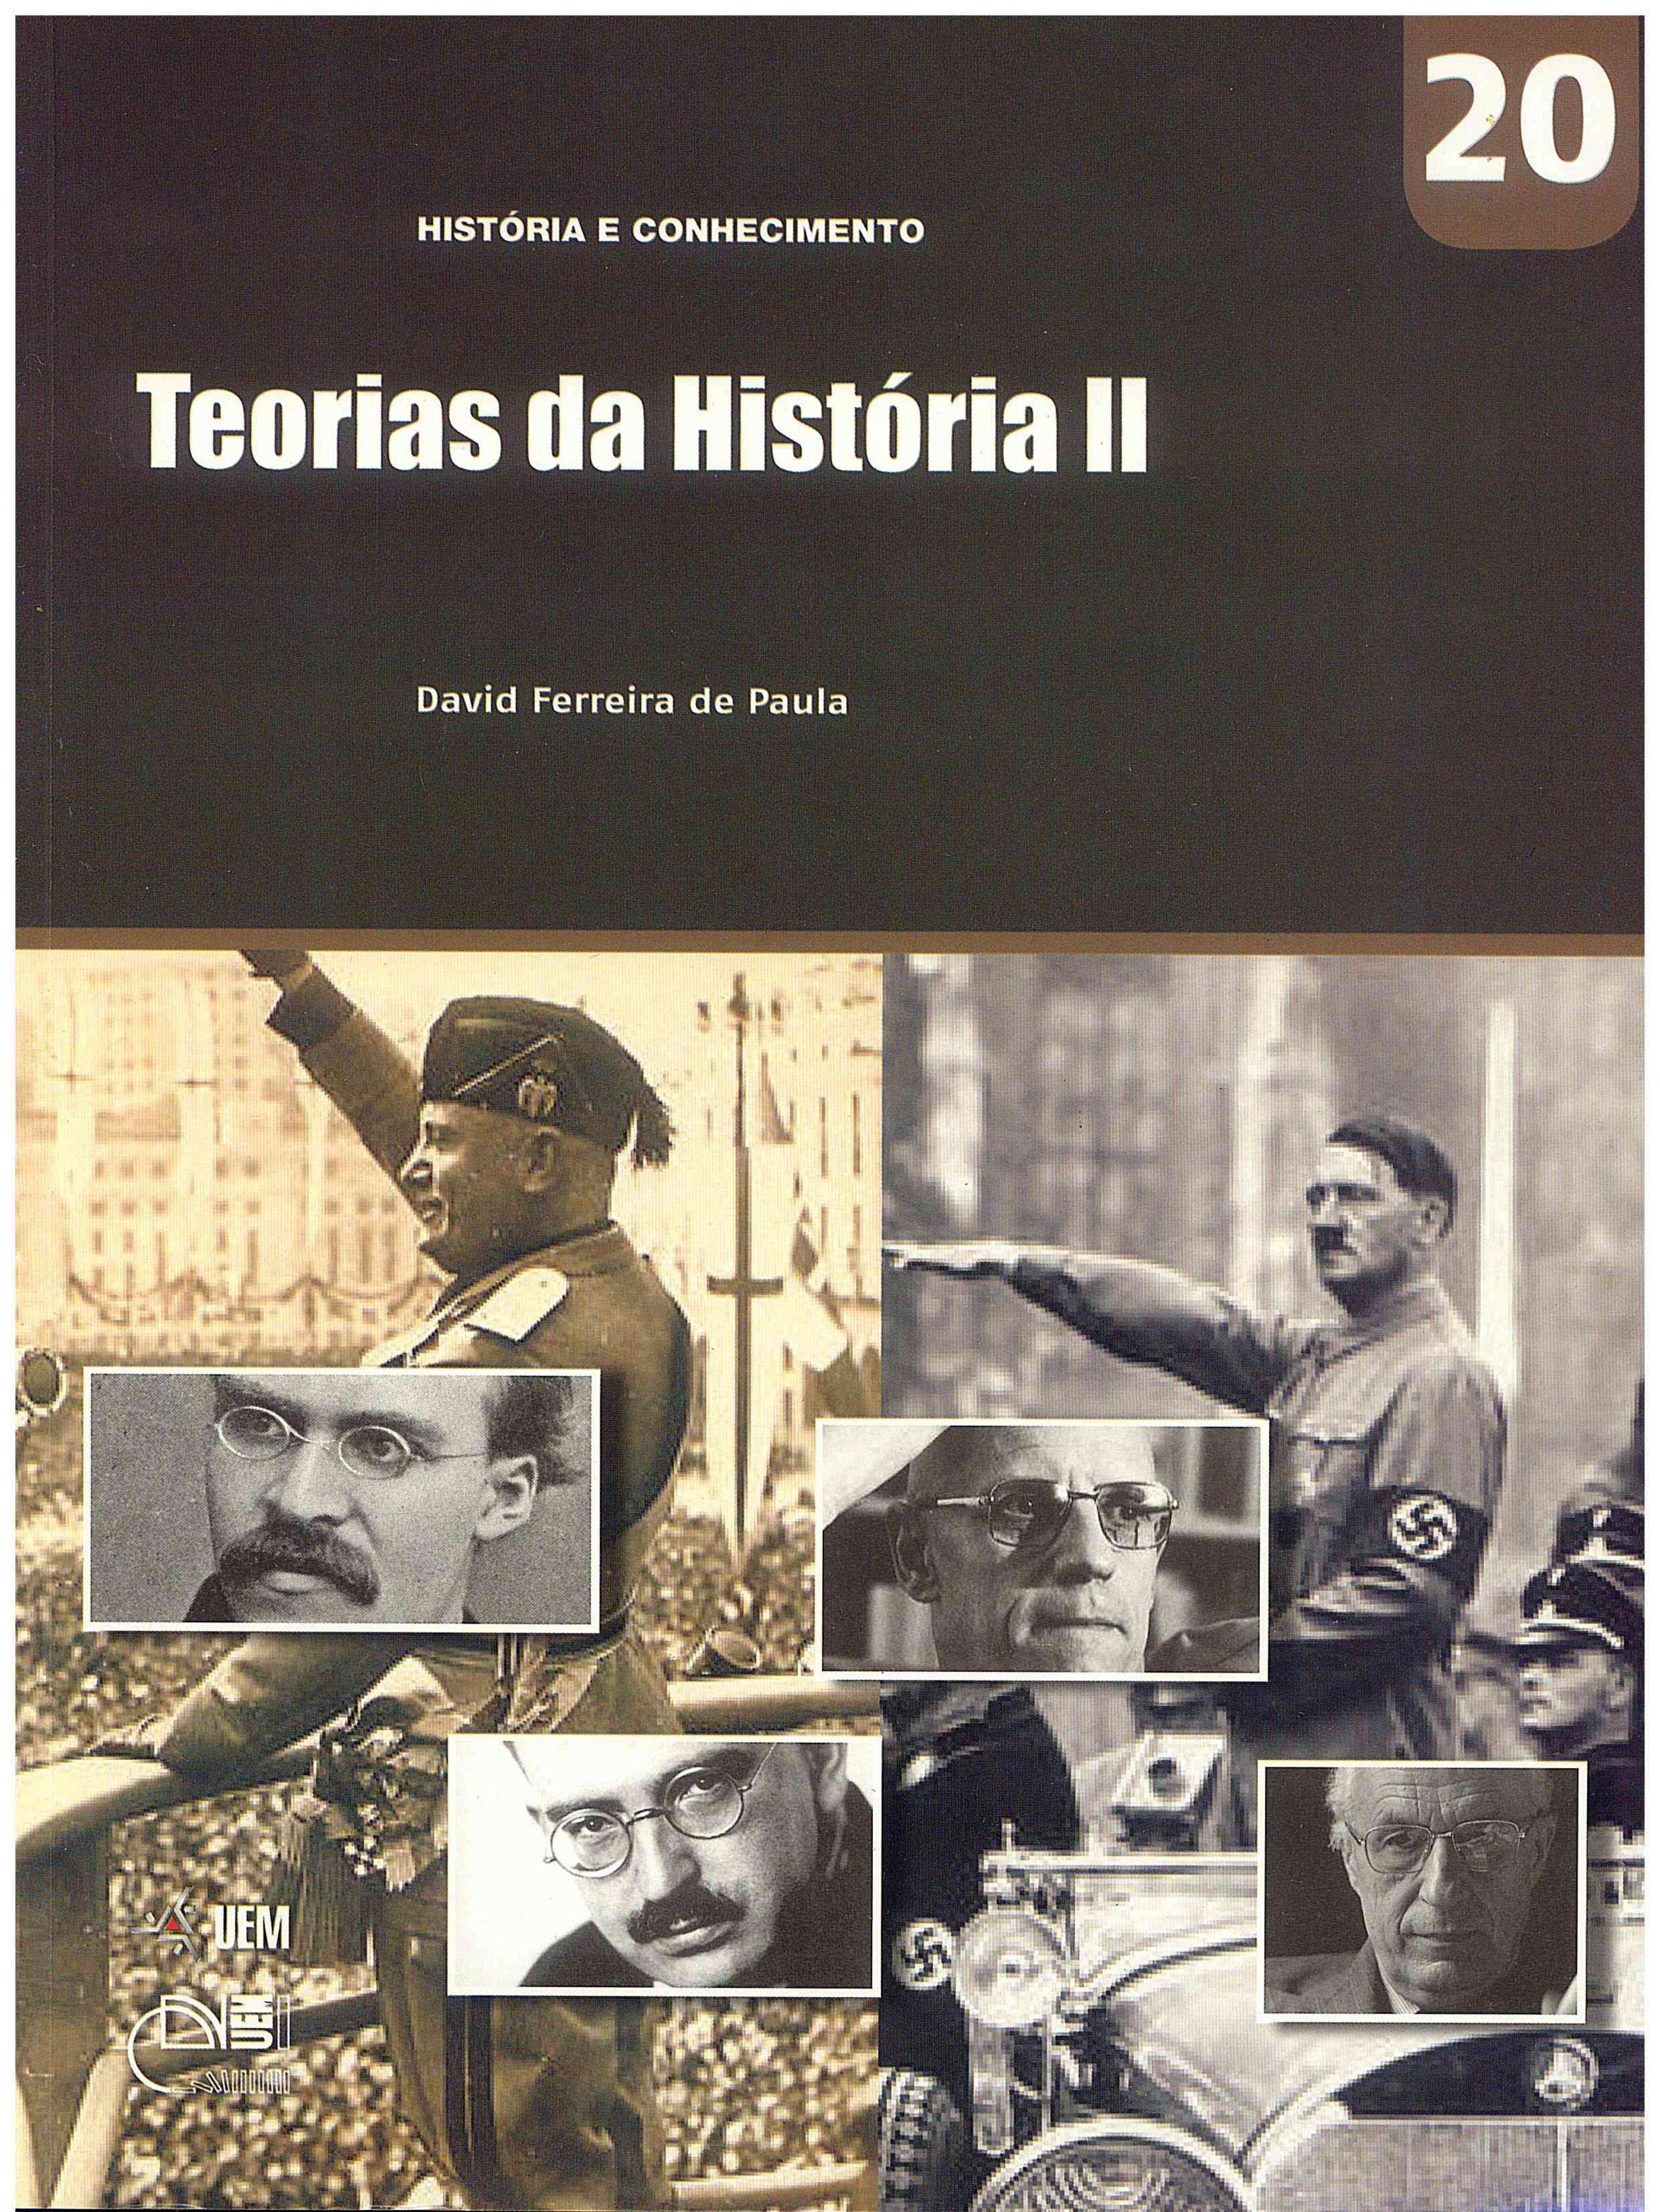 PAULA, D. F. Teorias da História II